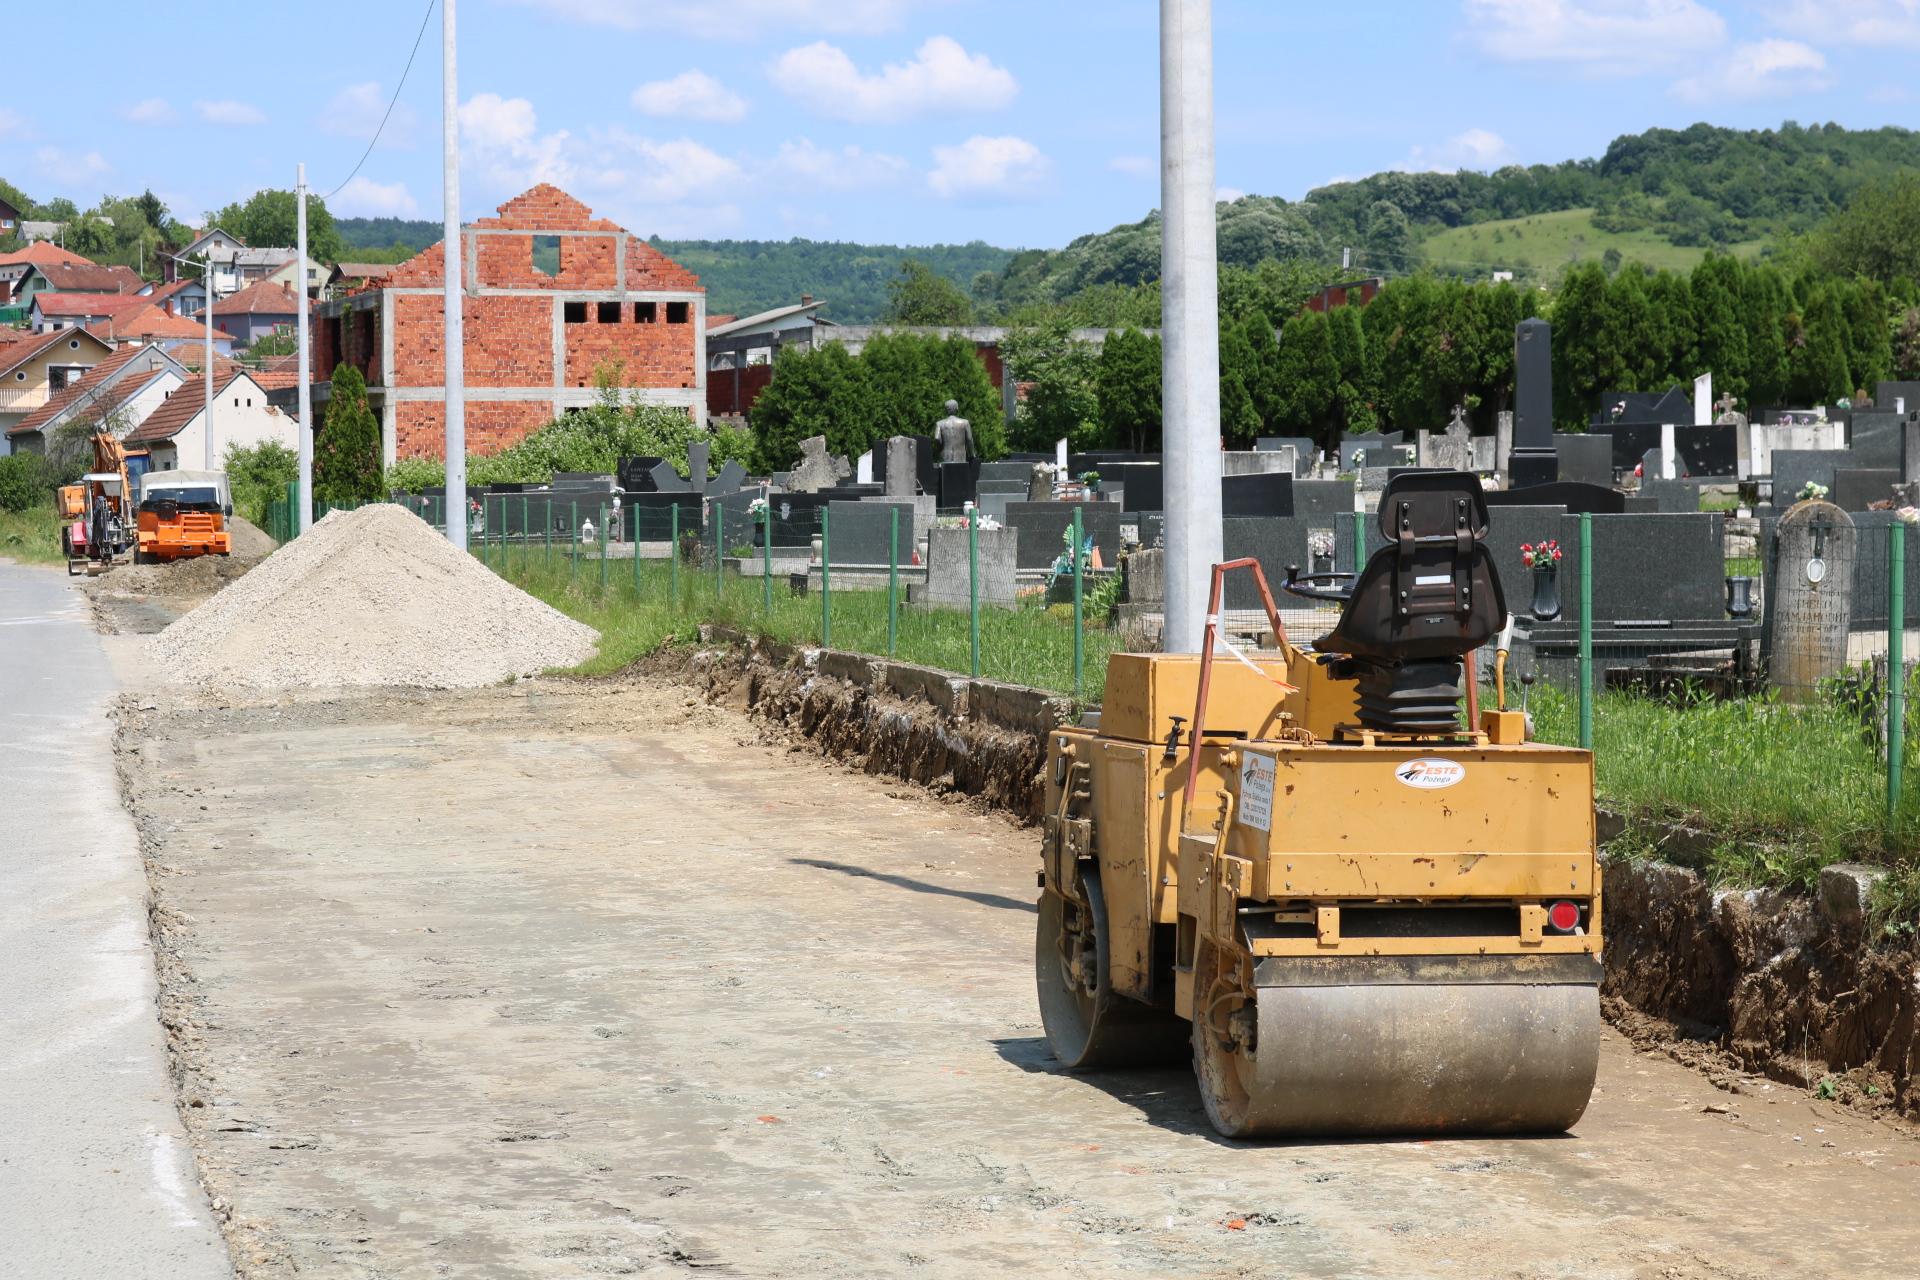 parkiralište groblje